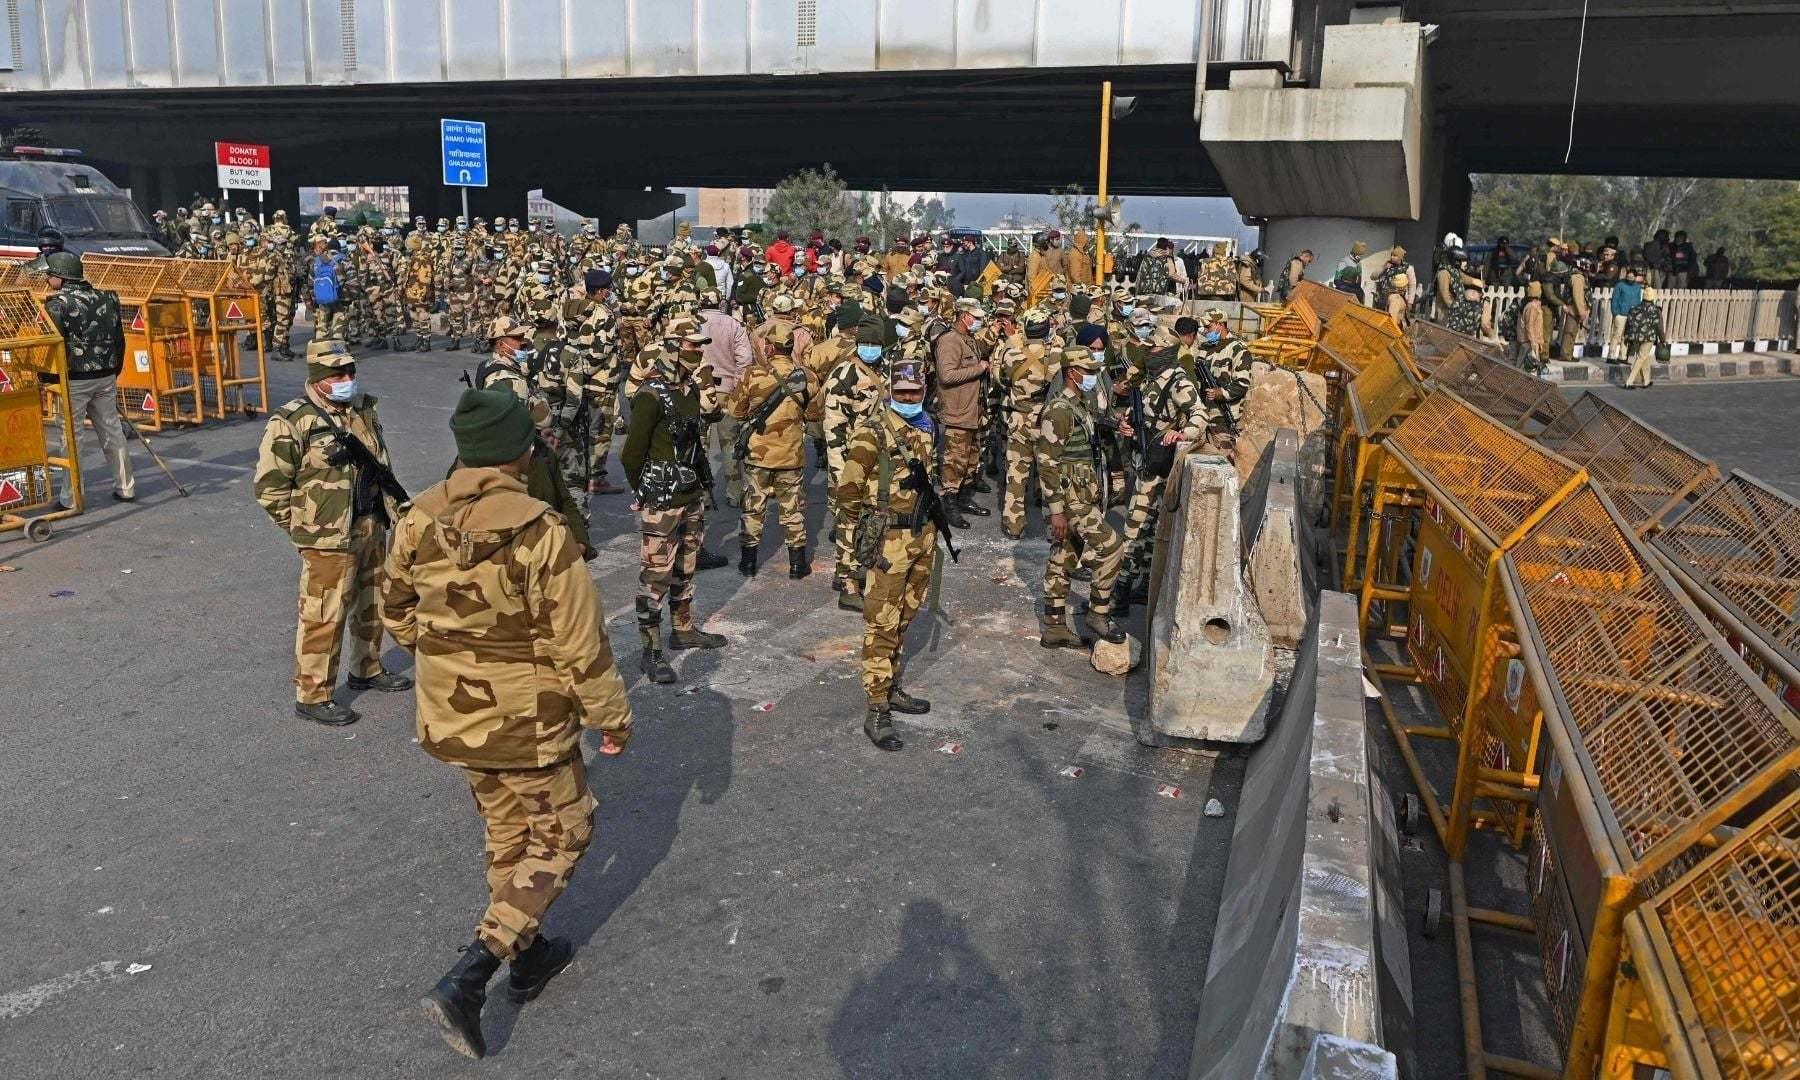 دہلی پولیس نے کسانوں کے احتجاج کے پیش نظر ایک بڑے آپریشن کی تیار کی تھی — فوٹو: اے ایف پی